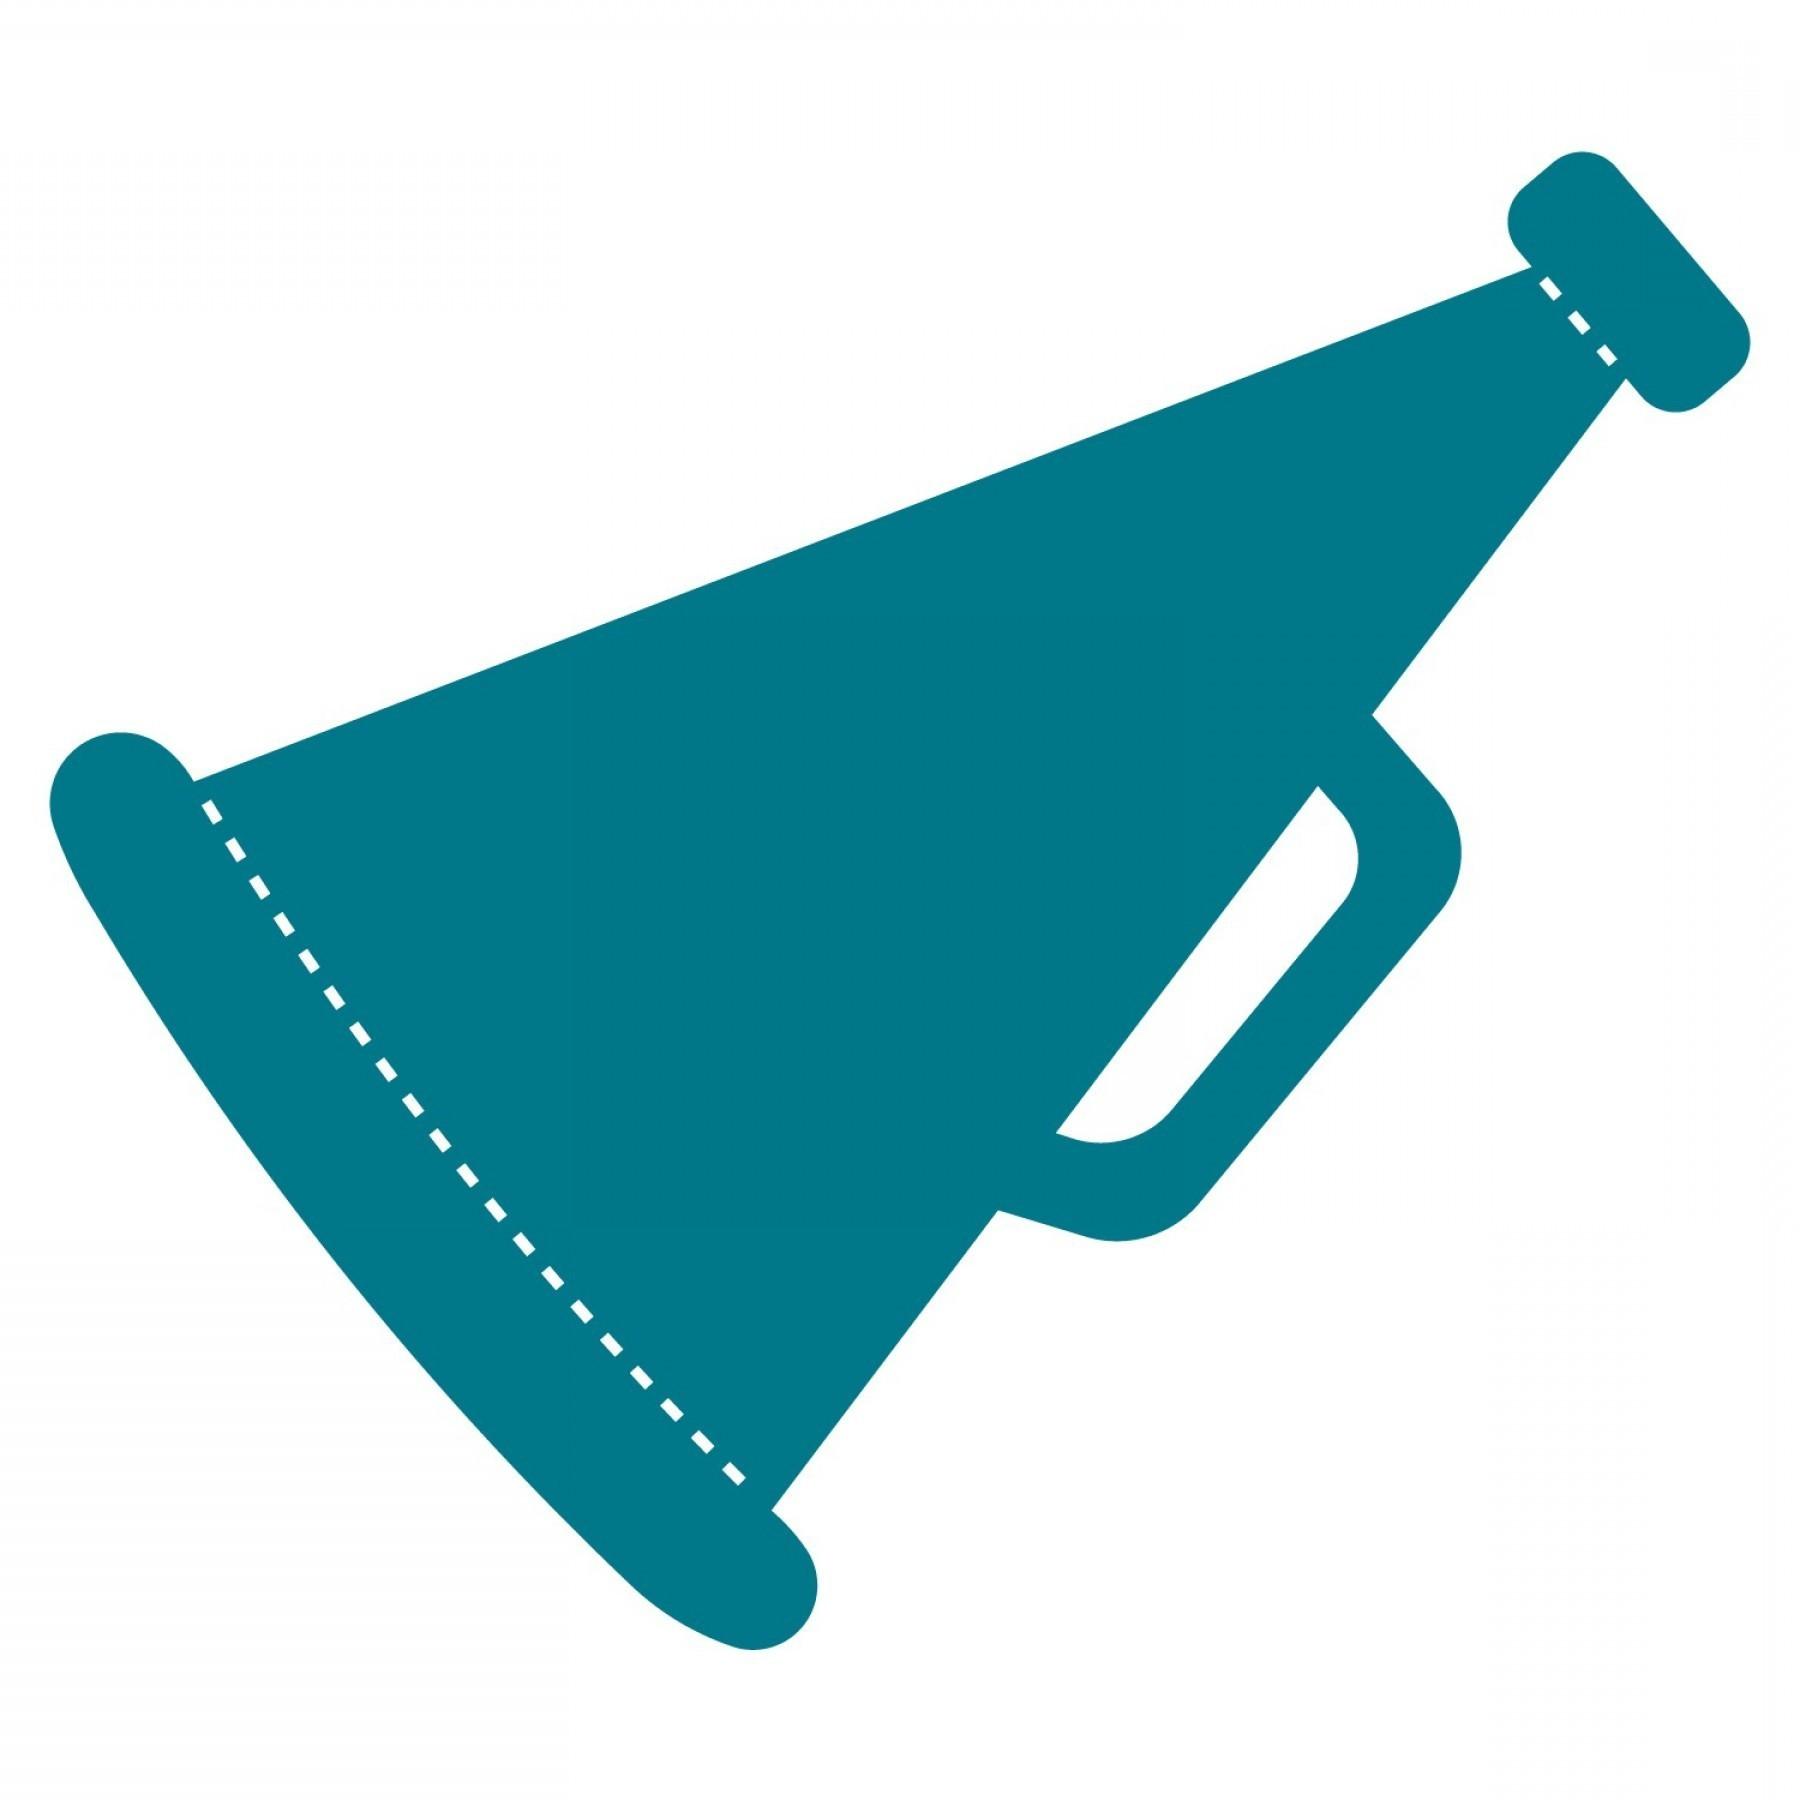 Standing cheer megaphone clipart vector transparent download Cheer Megaphone Clipart | Clipart vector transparent download